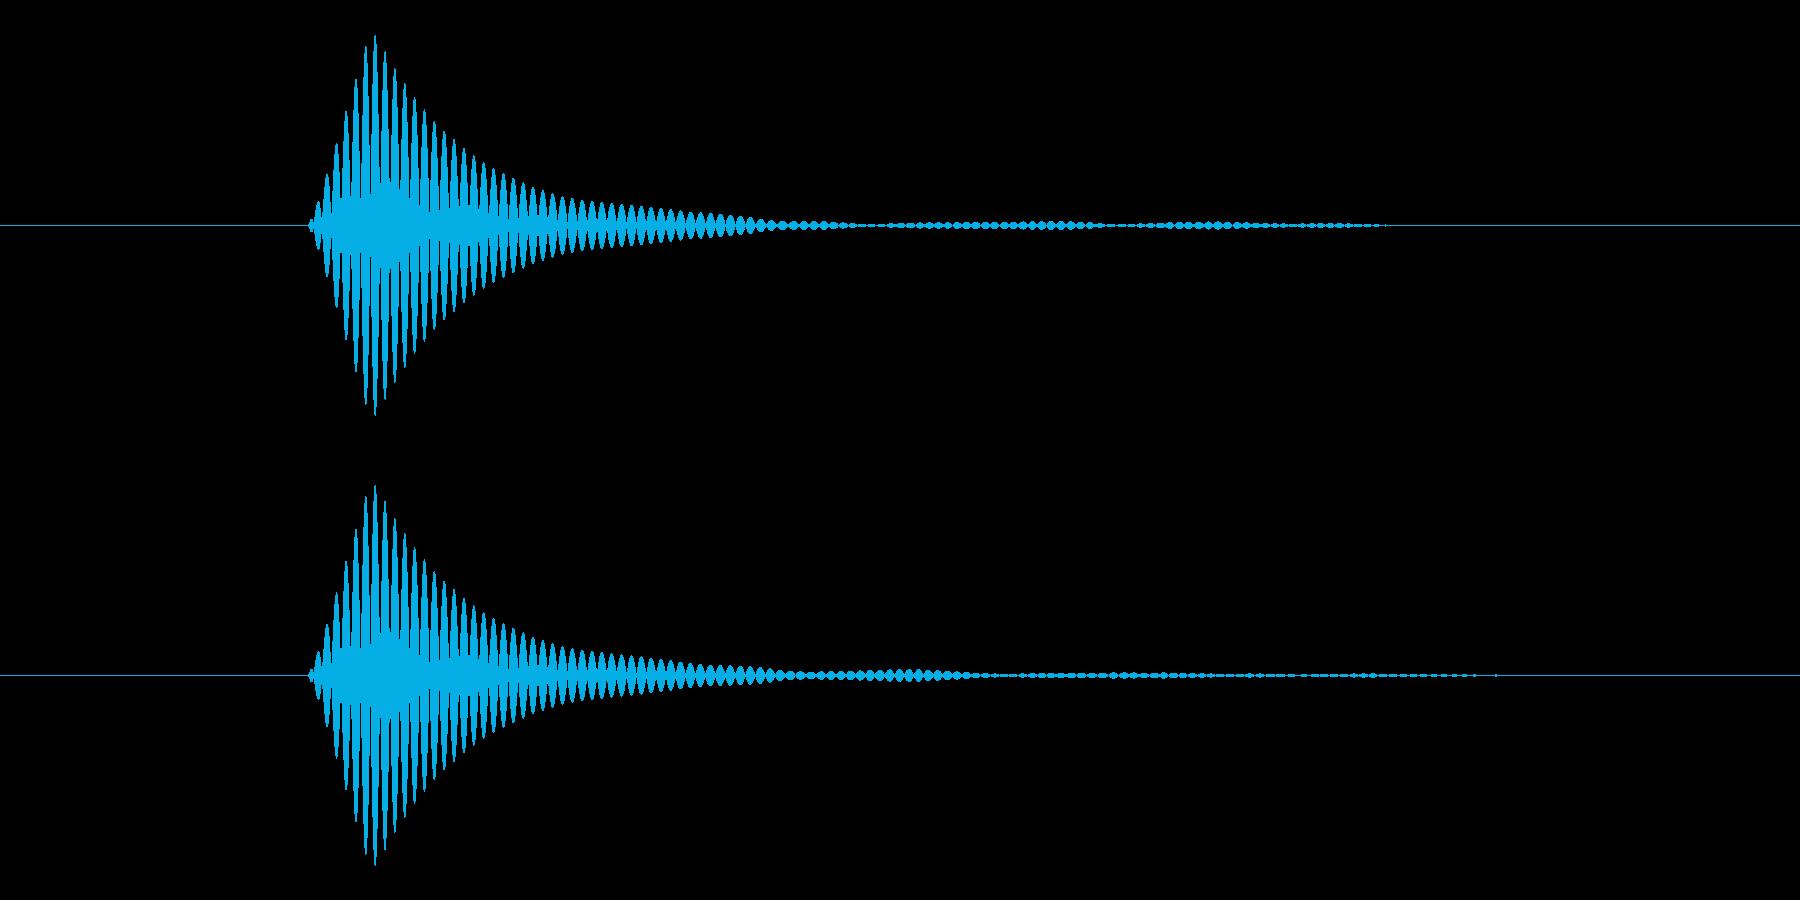 シンプルなボタン音5(トン)の再生済みの波形